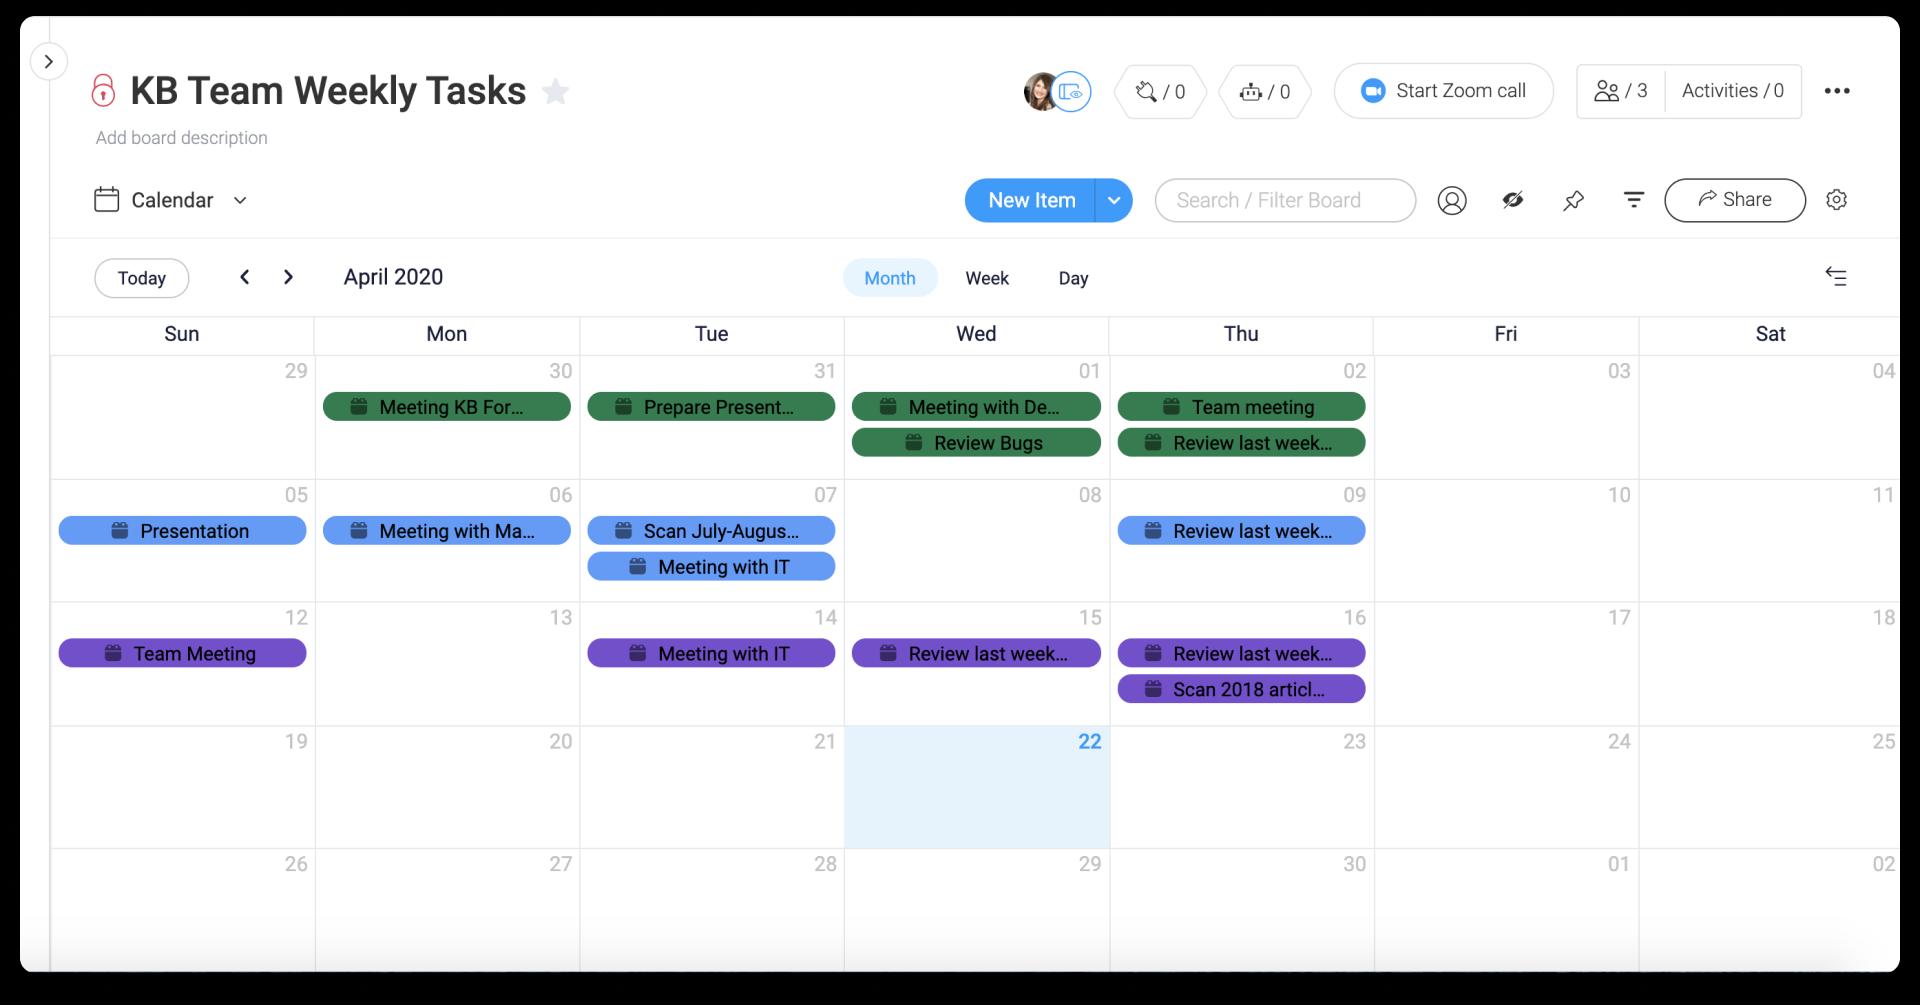 Monday.com calendar view